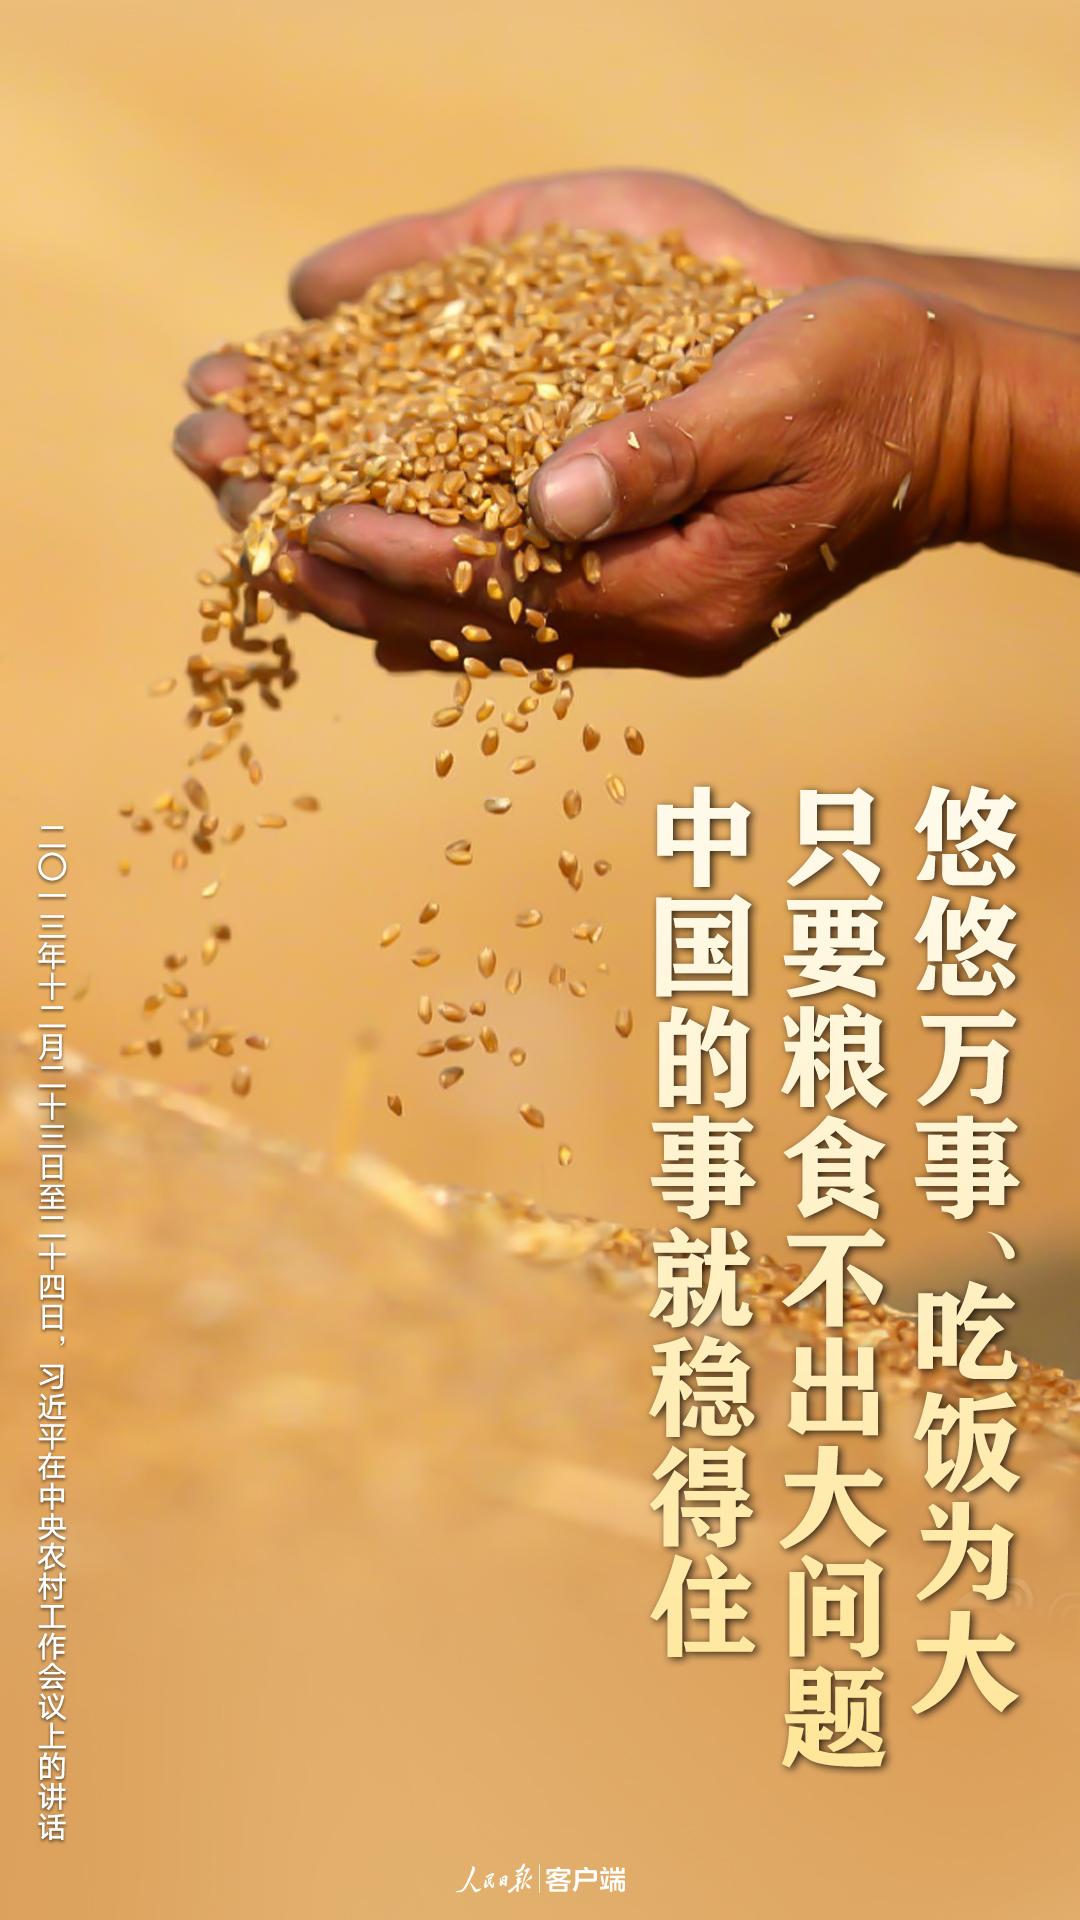 習近平:把中國人的飯碗牢牢端在自己手中